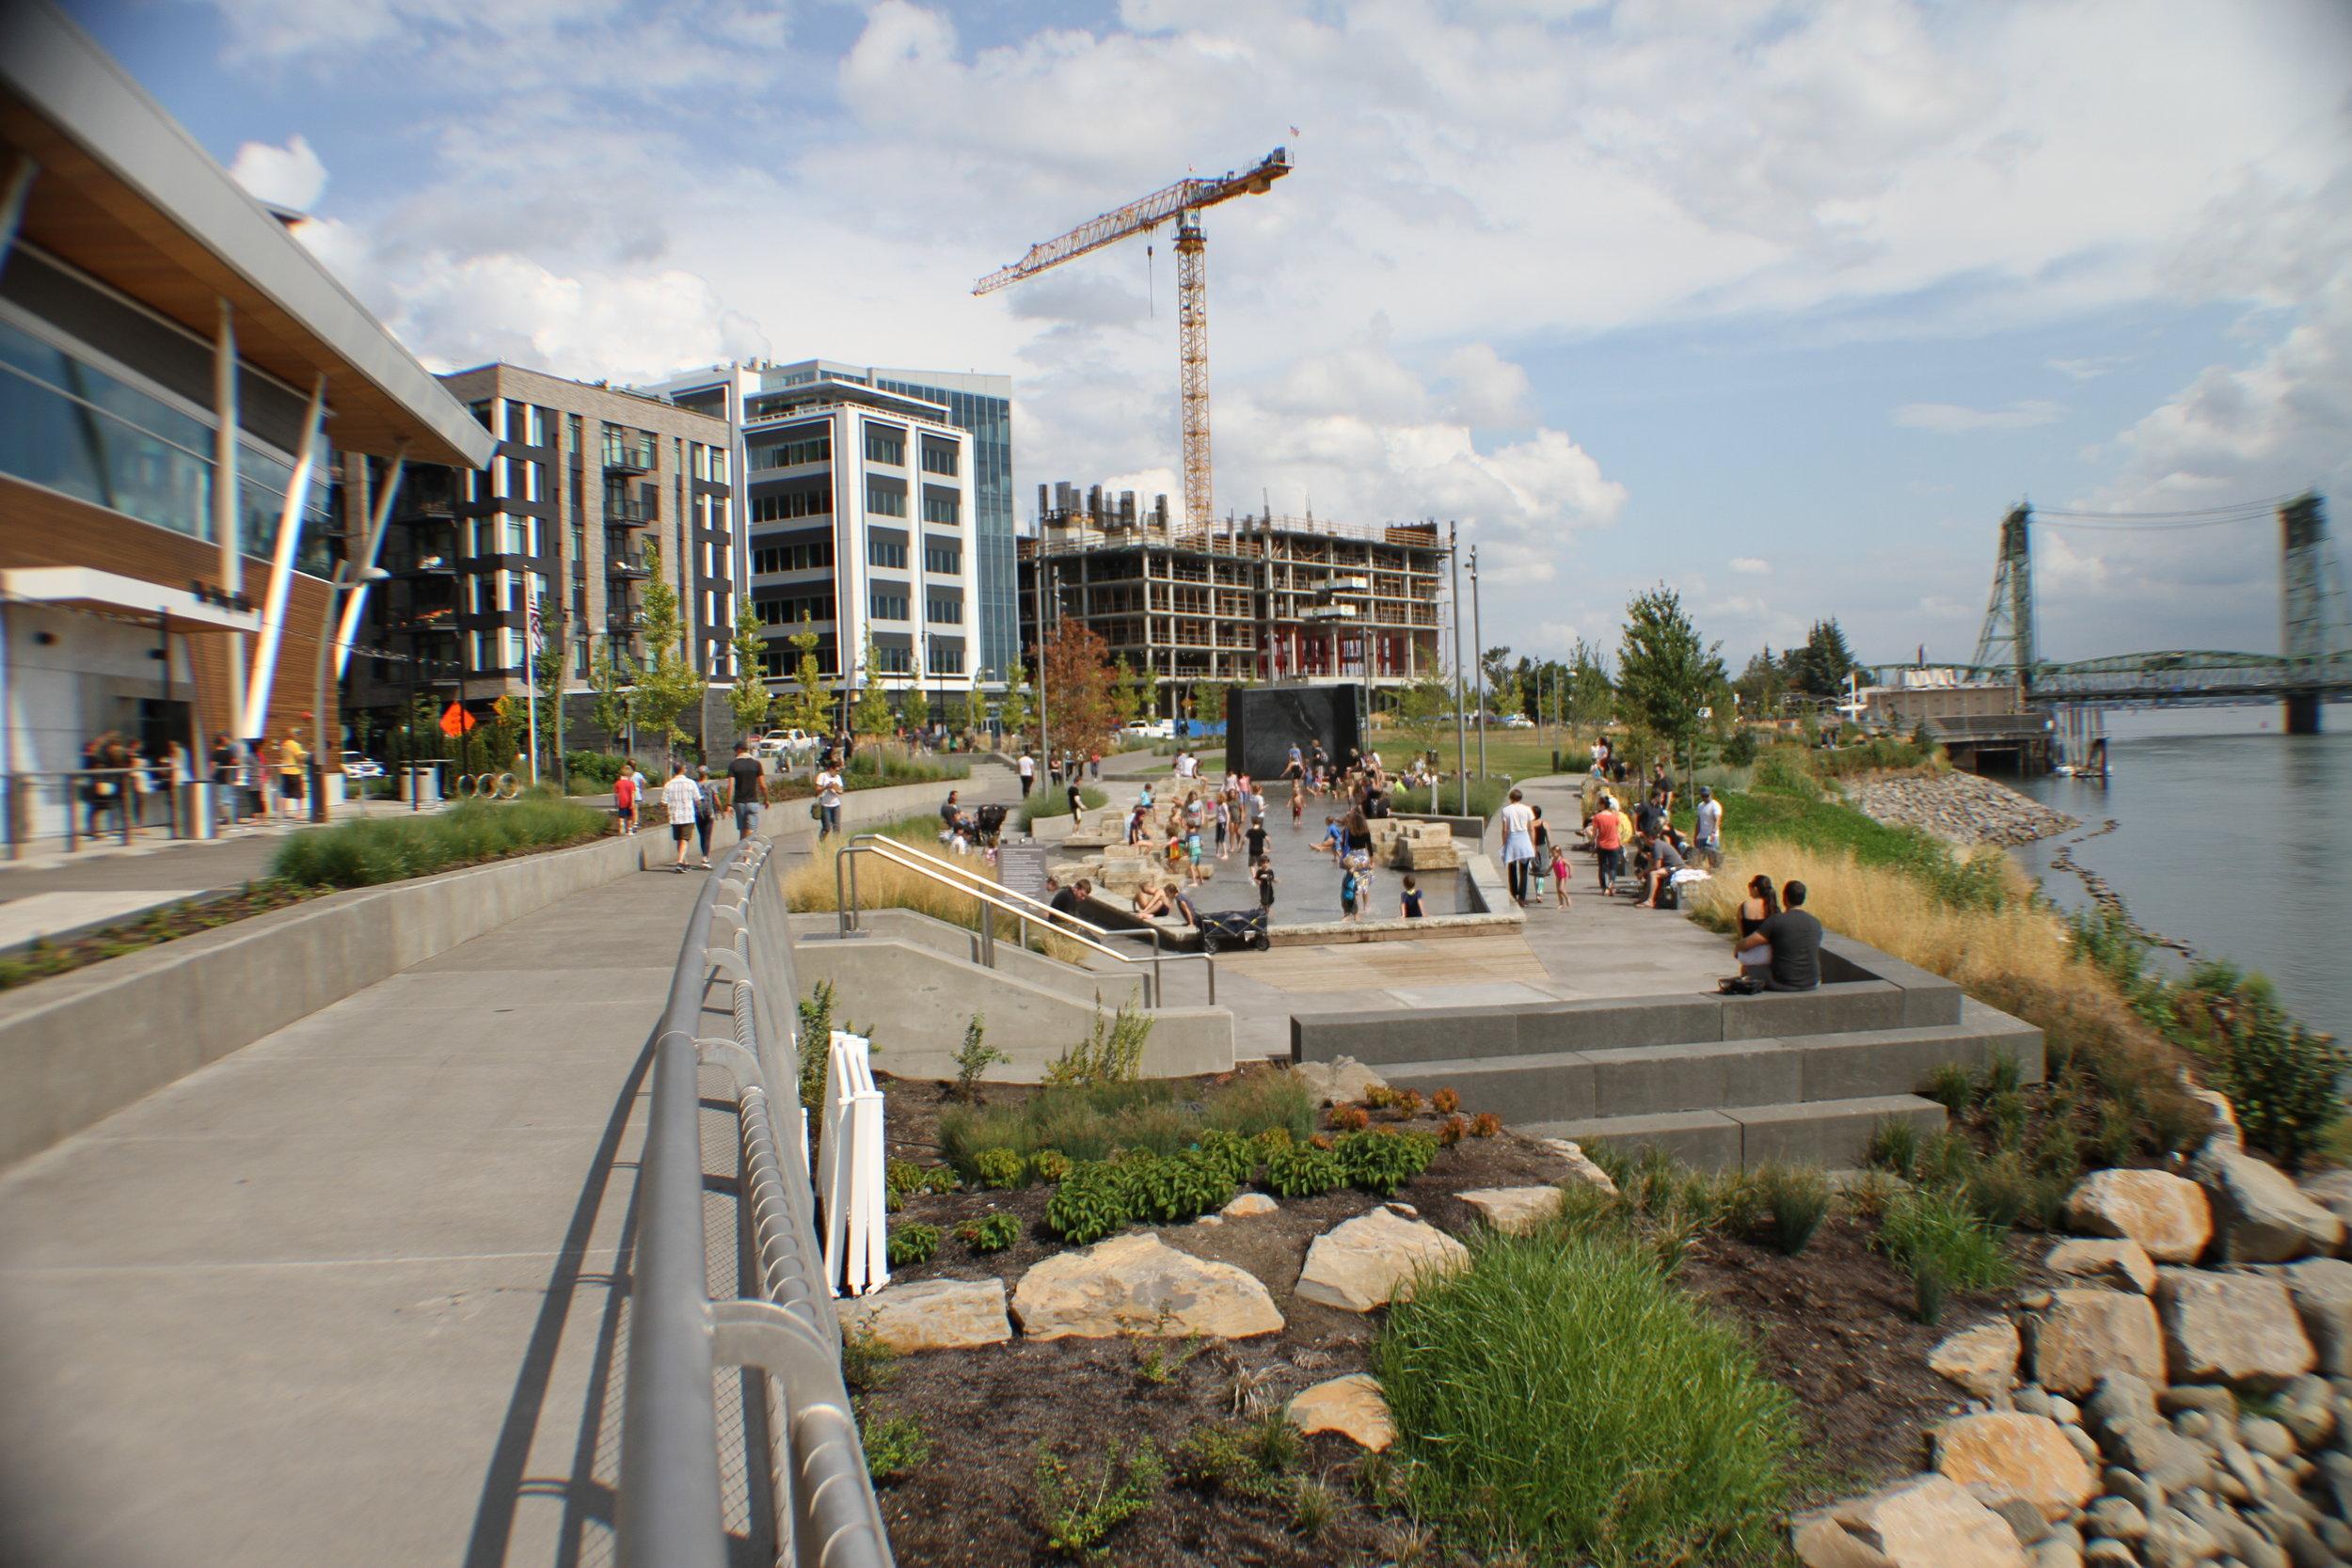 vancouver_waterfront park fountain_larry kirkland_public art services_j grant projects_24.JPG